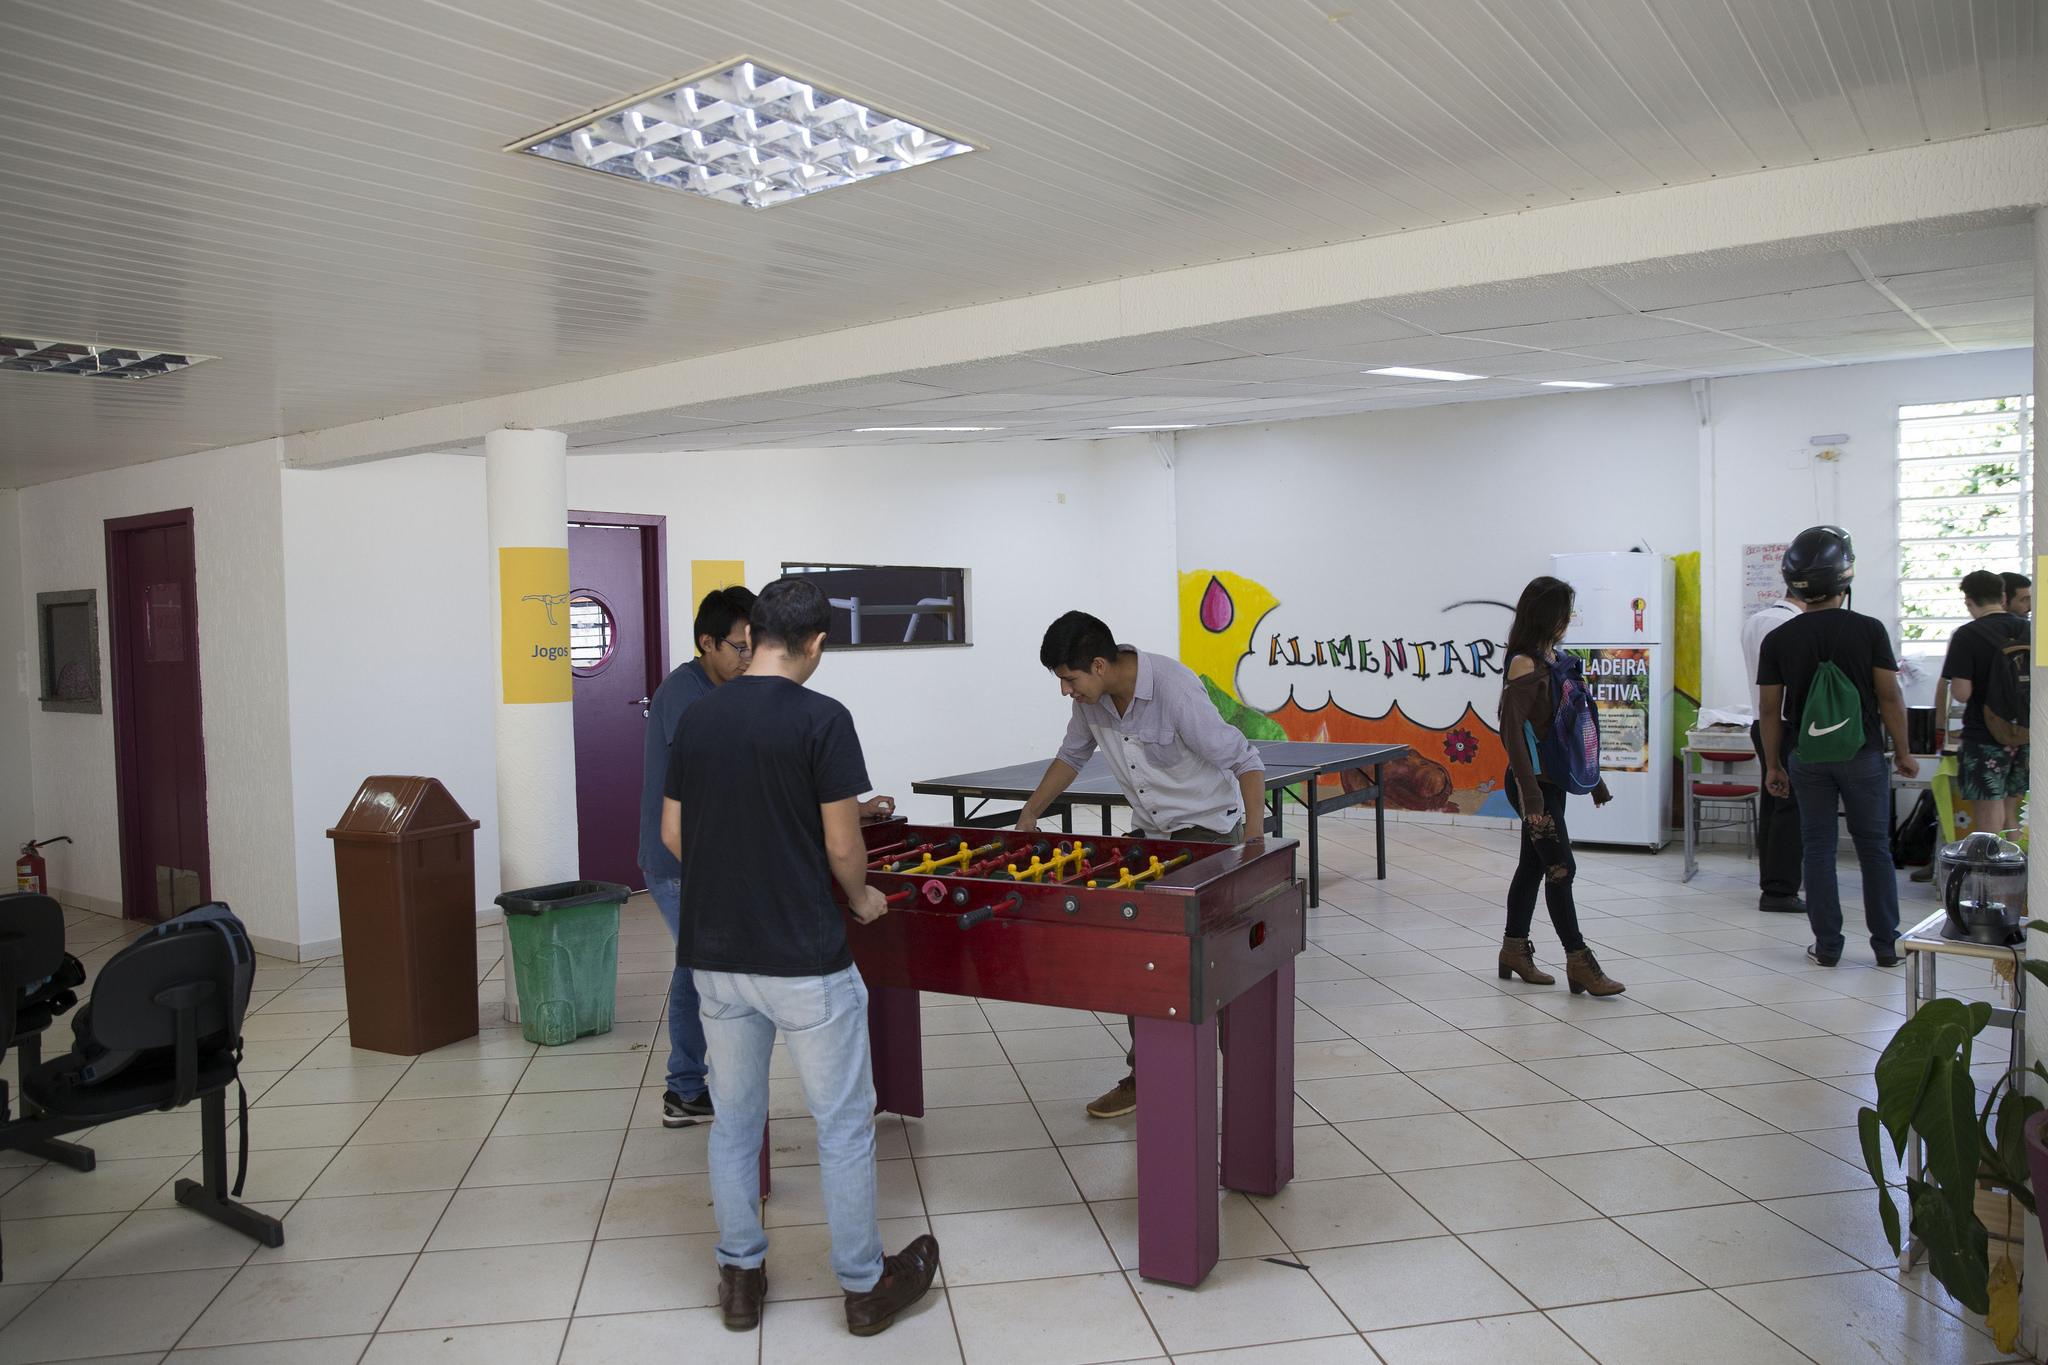 Jovens brincam em mesa de pebolim